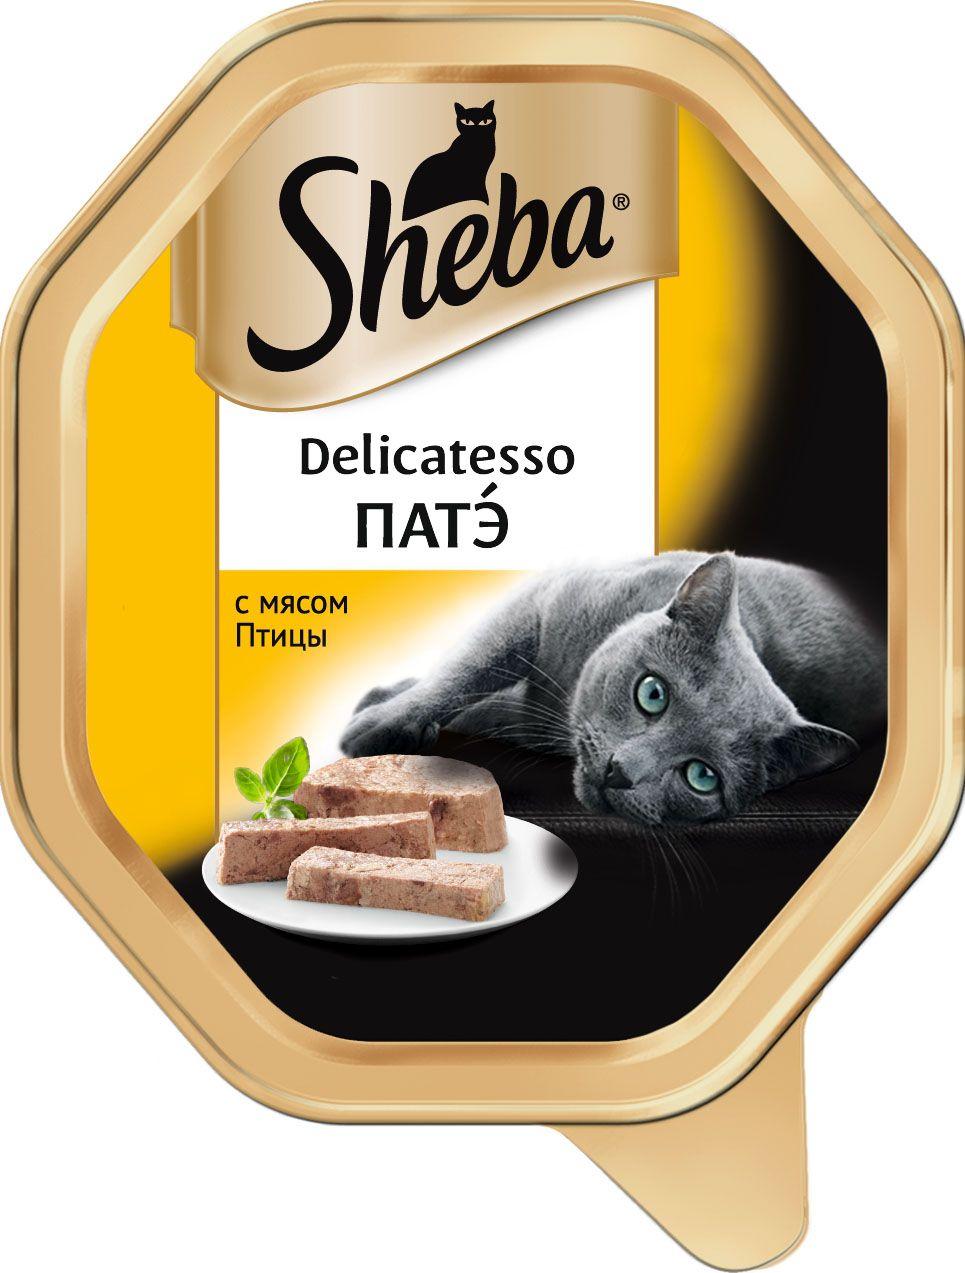 Корм консервированный Sheba Delicatesso, для взрослых кошек, от 1 года, патэ с птицей, 85 г80544Что выберет ваша кошка сегодня – патэ или фрикассе? Встречайте пленительную новинку от Sheba - Delicatesso! Насыщенный мясной вкус и необычное сочетание паштета и мясных ломтиков не оставит вашу любимицу равнодушной, а особая сервировка подчеркнет все богатство вкуса изысканного деликатеса!